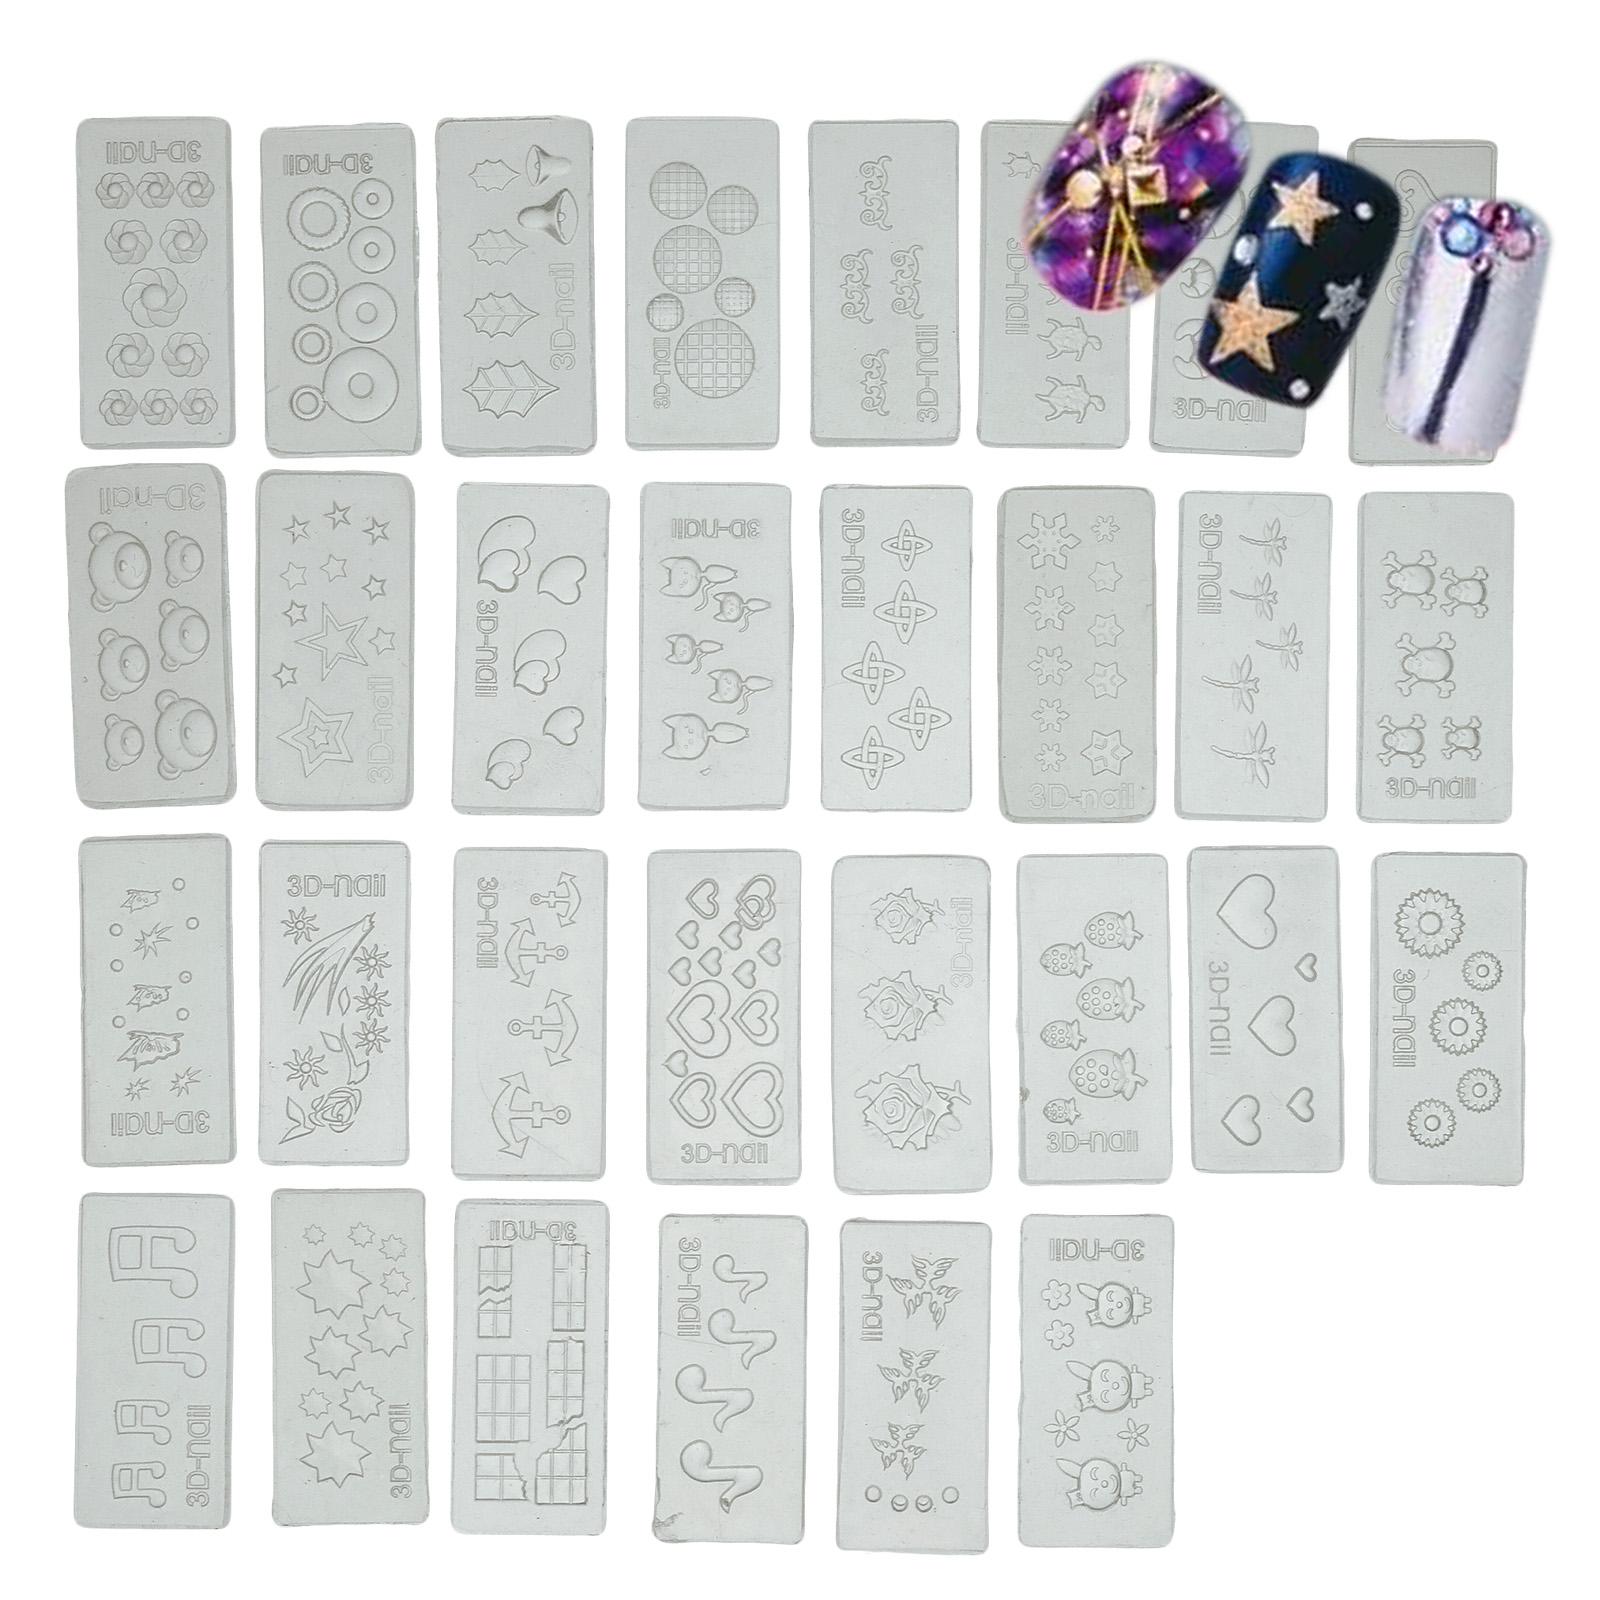 30 Different 3d Acrylic Nail Art Nail Art Tips Mo Mold Diy